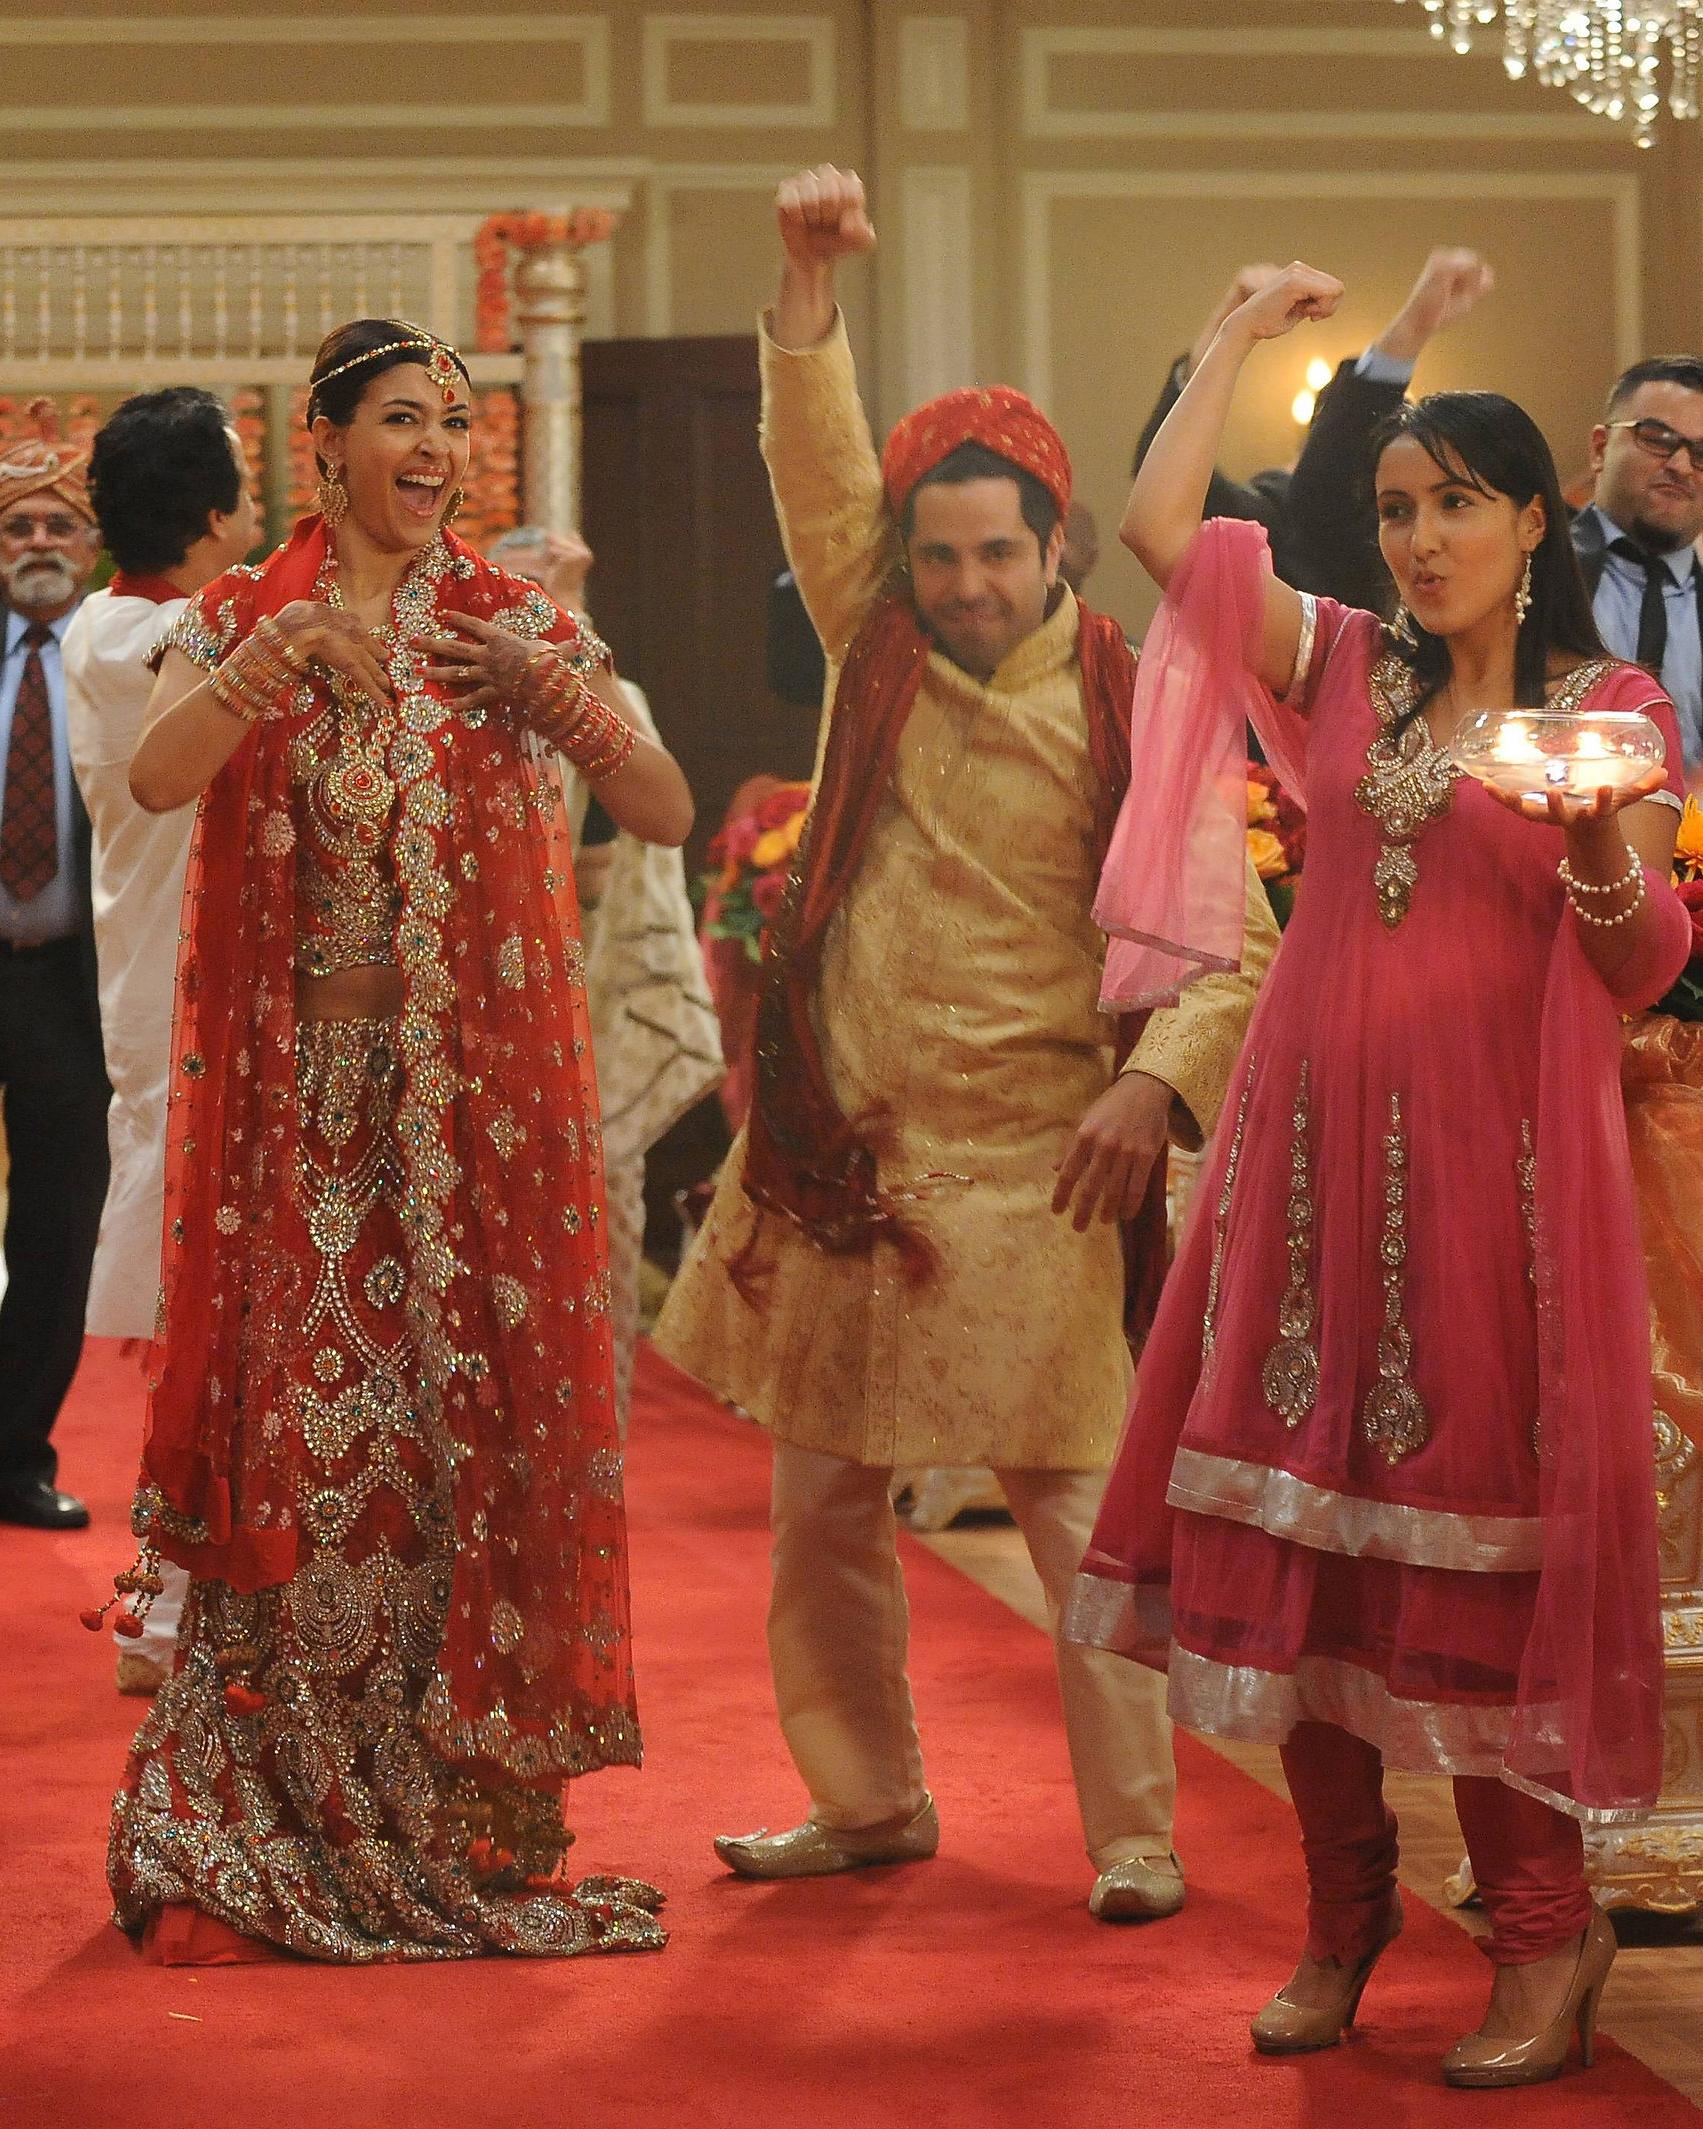 tv-wedding-dresses-new-girl-cece-1115.jpg